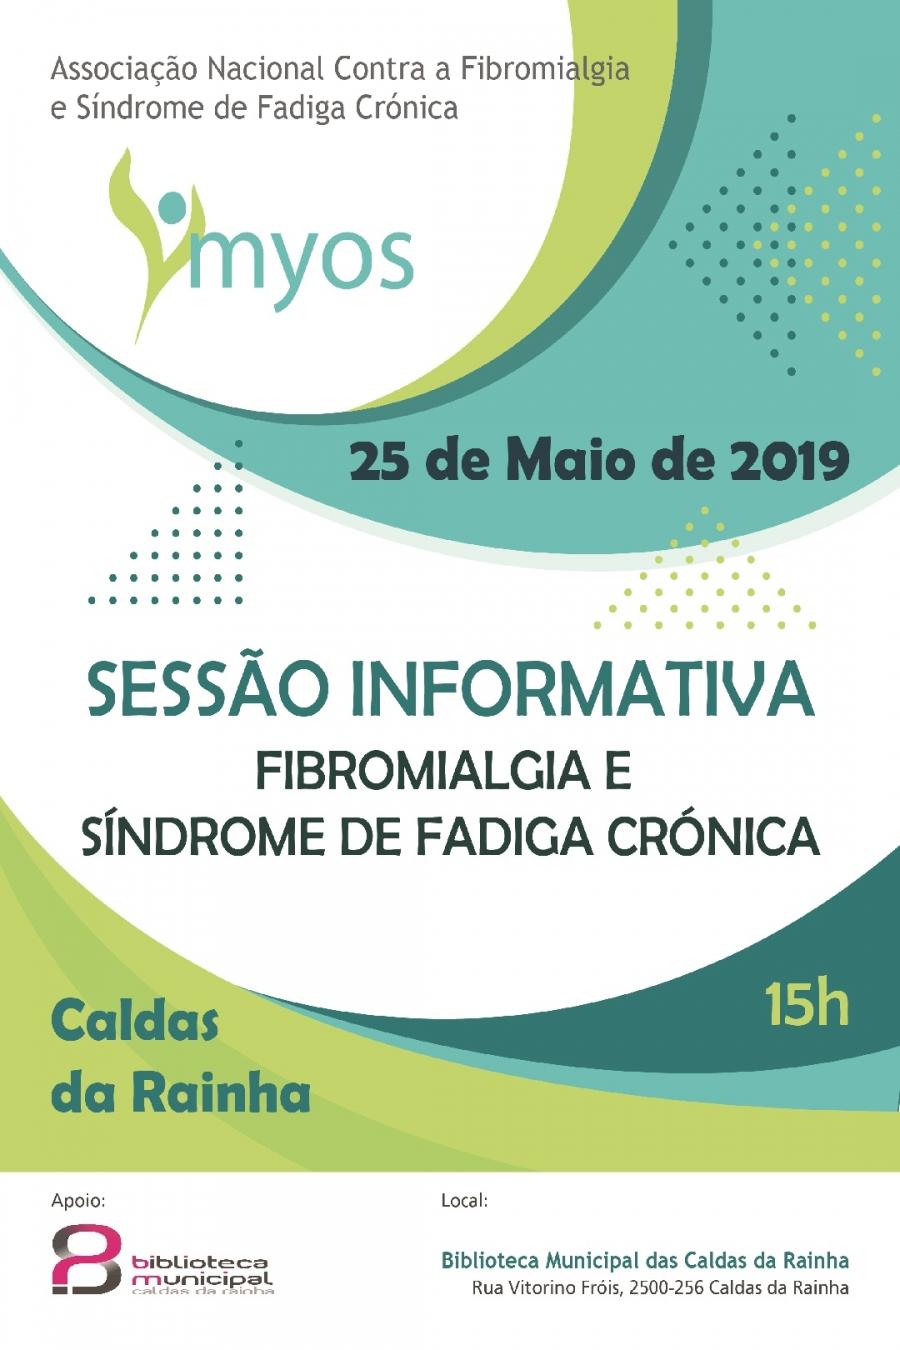 Sessão de Fibromialgia e Síndrome de Fadiga Crónica